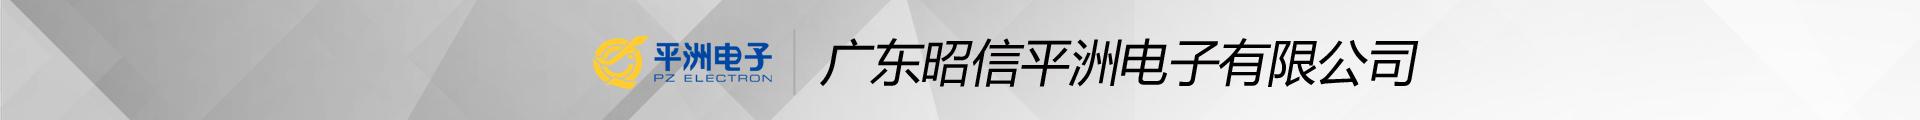 廣東昭信平洲電子有限公司